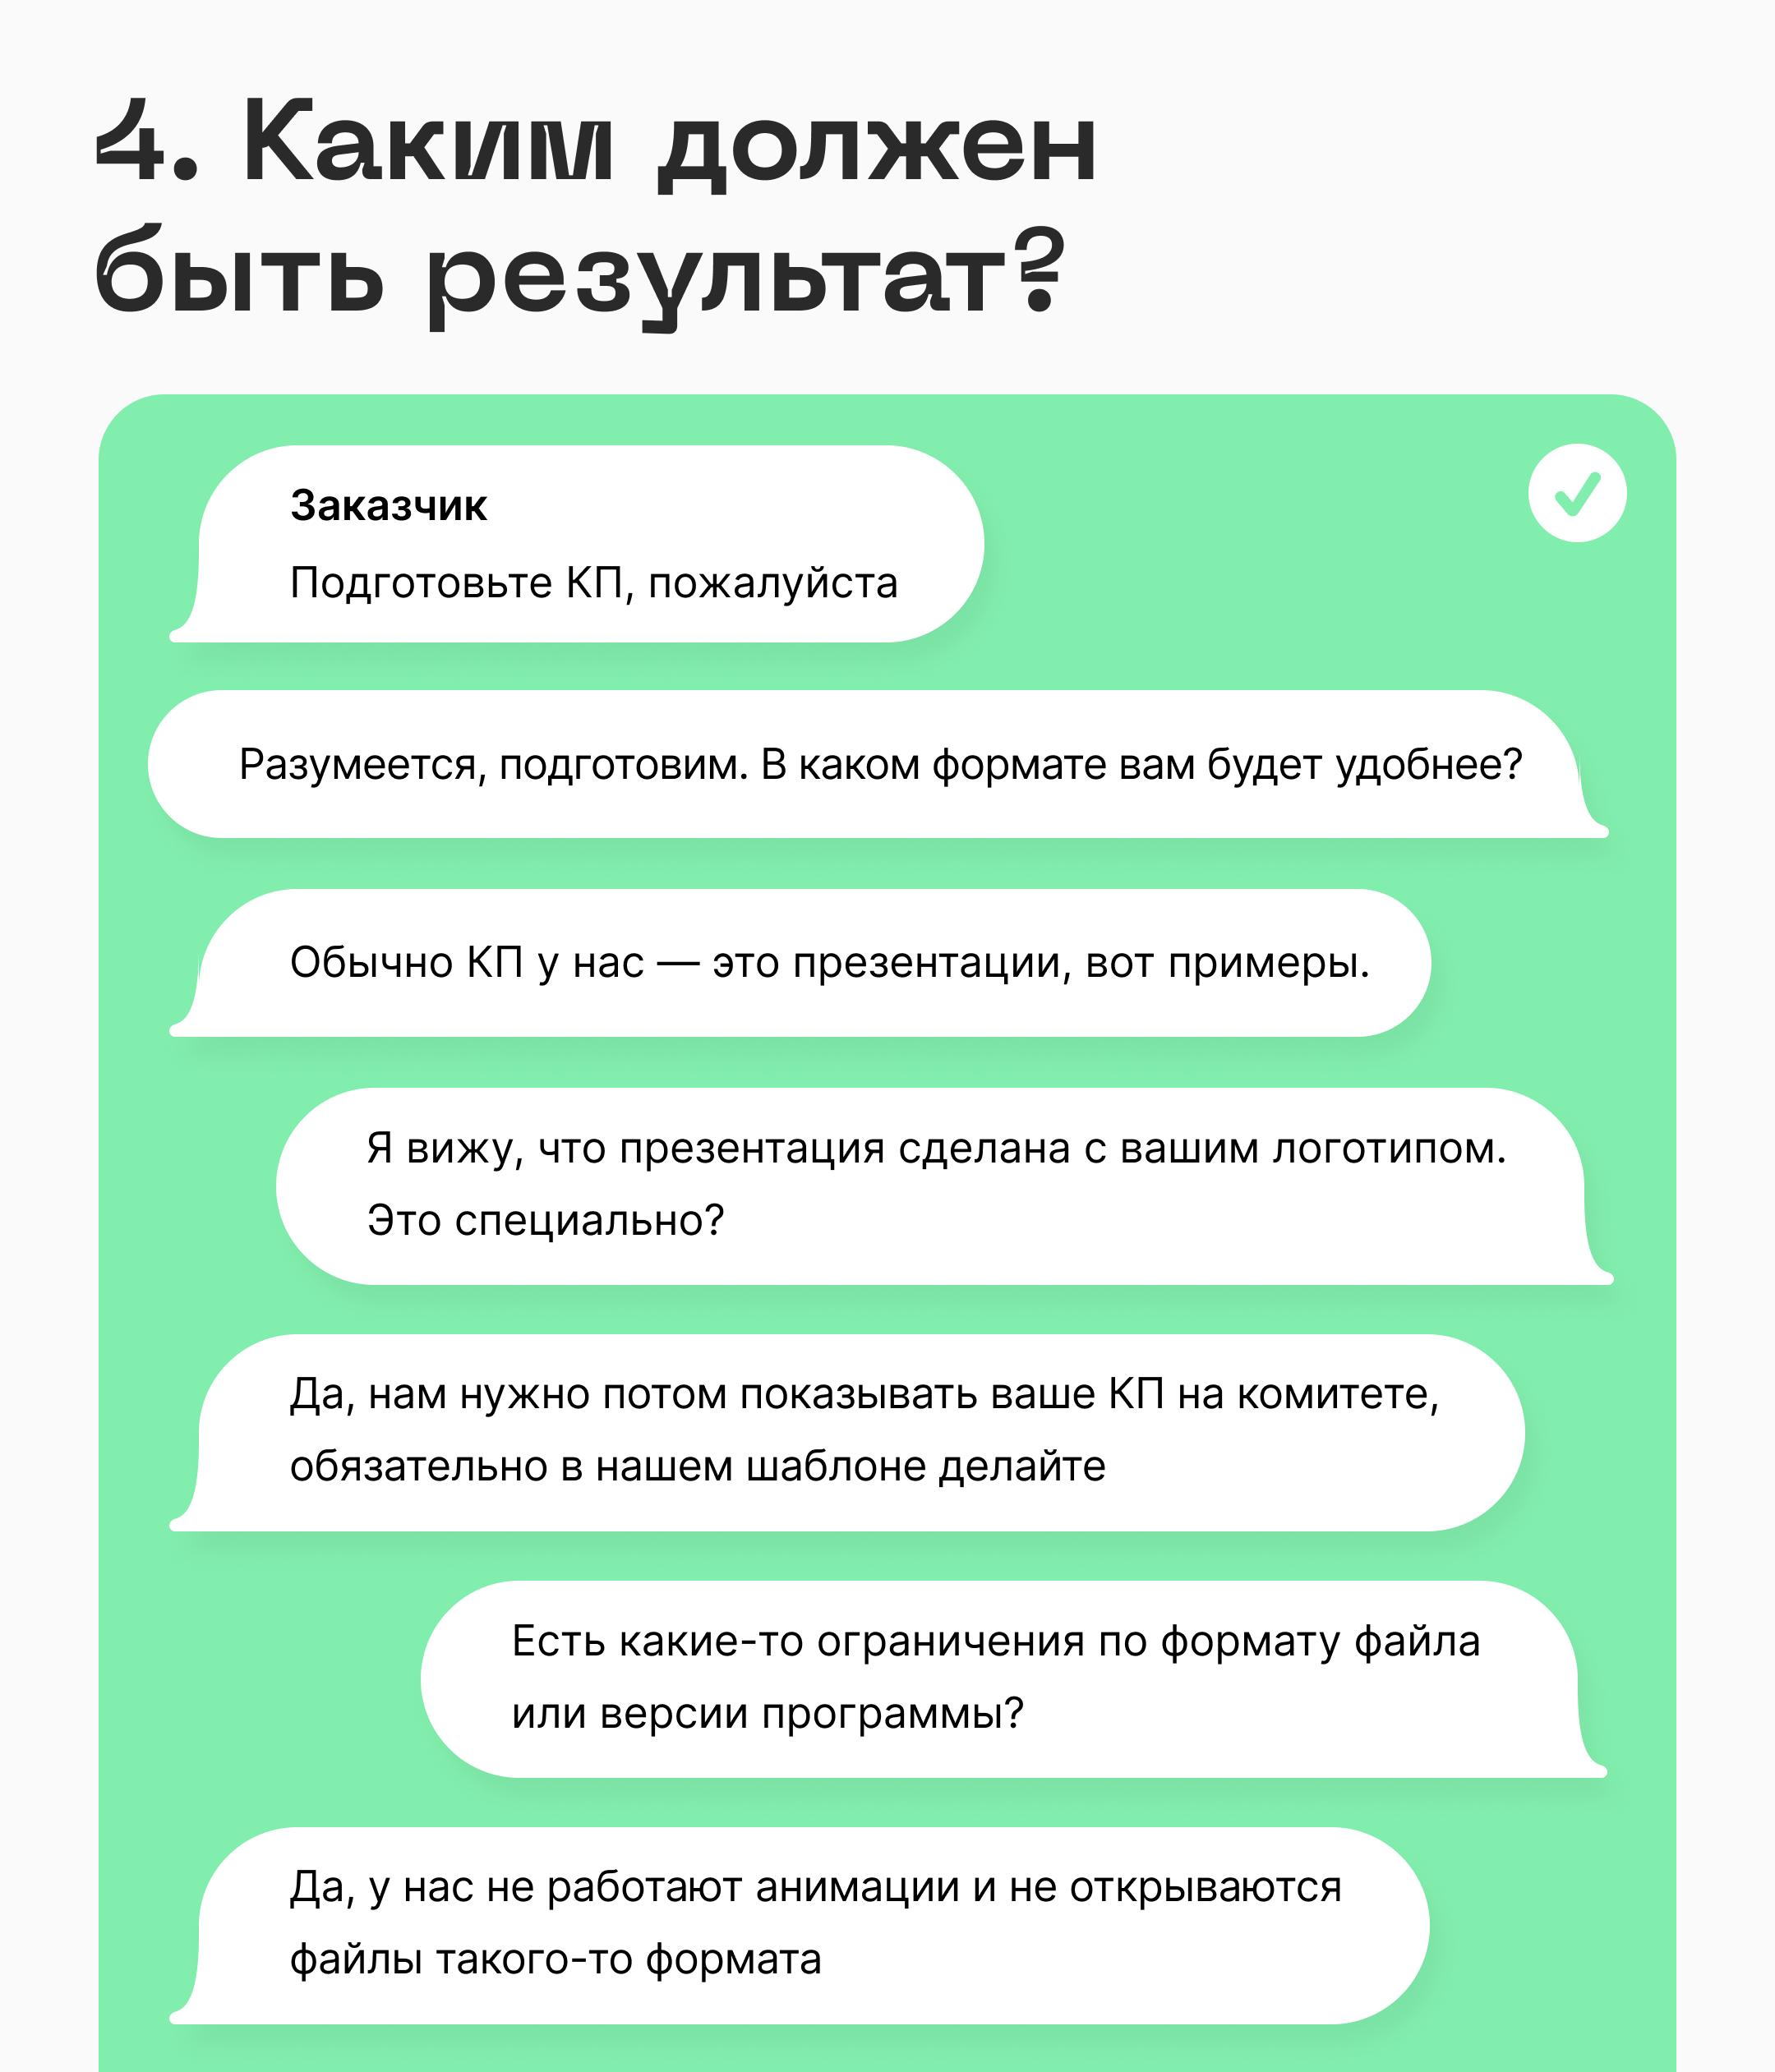 Четвёртый вопрос: каким должен быть результат?